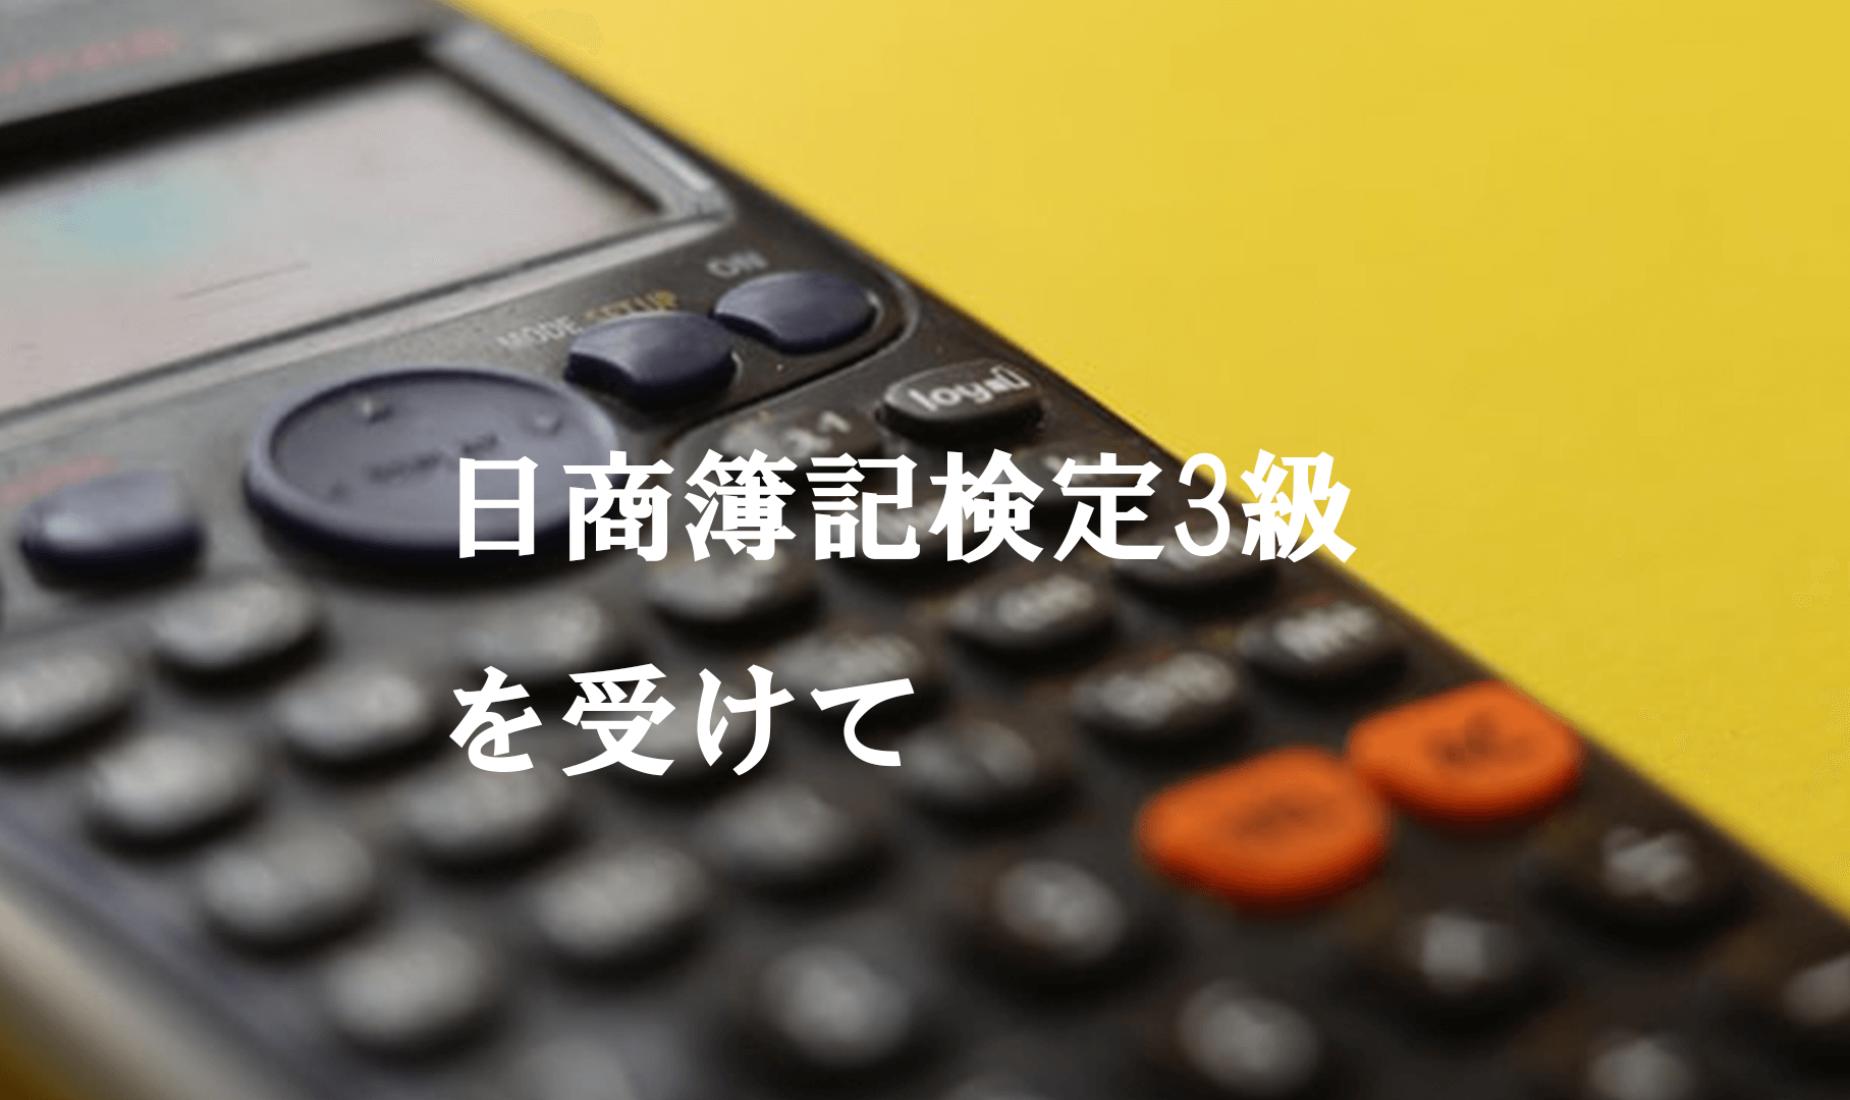 日商簿記検定3級を受けて 利用者・T